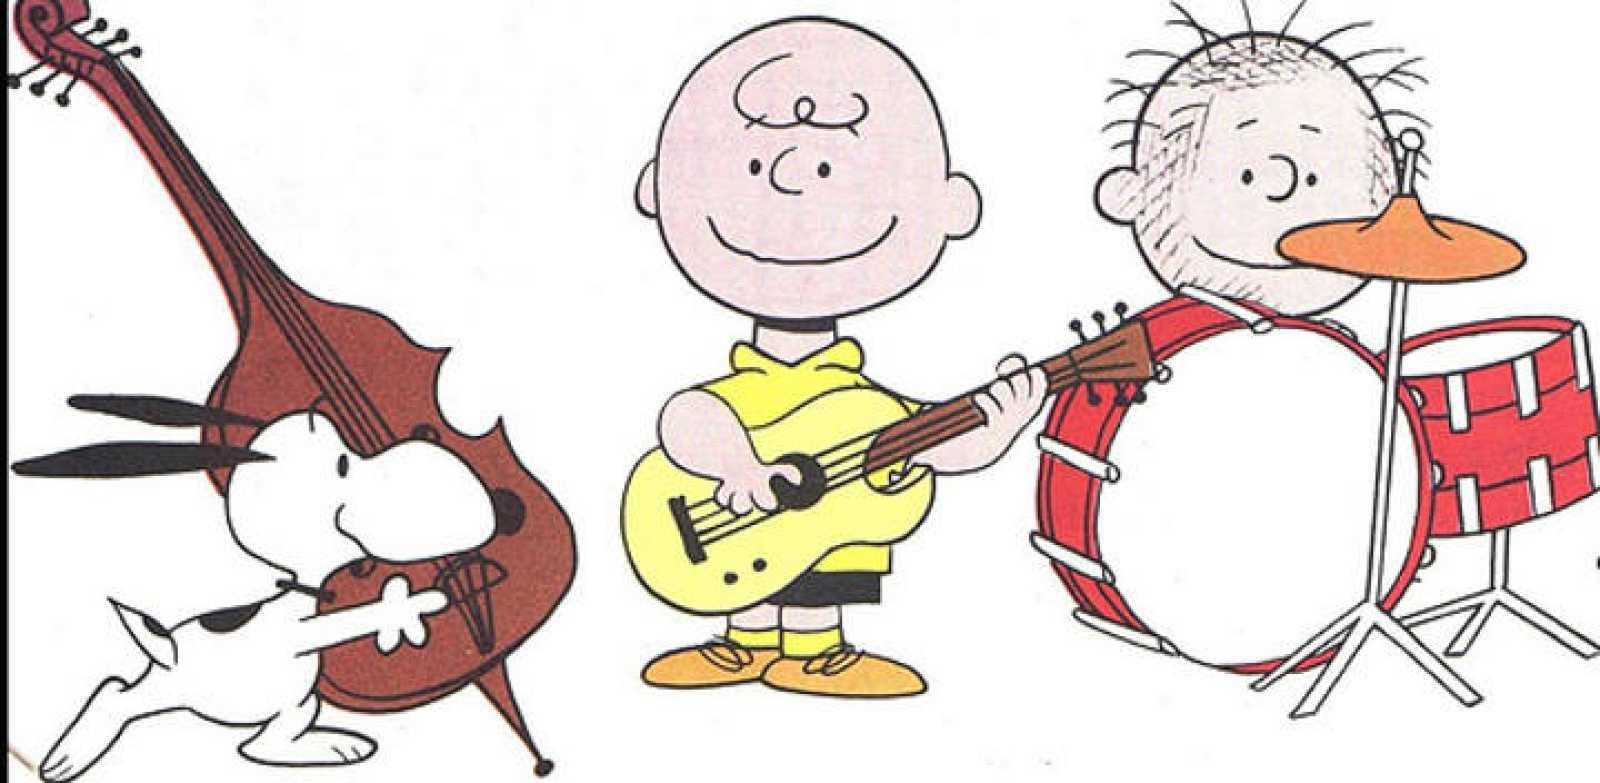 Viñeta de Carlitos y Snoopy, de Schulz